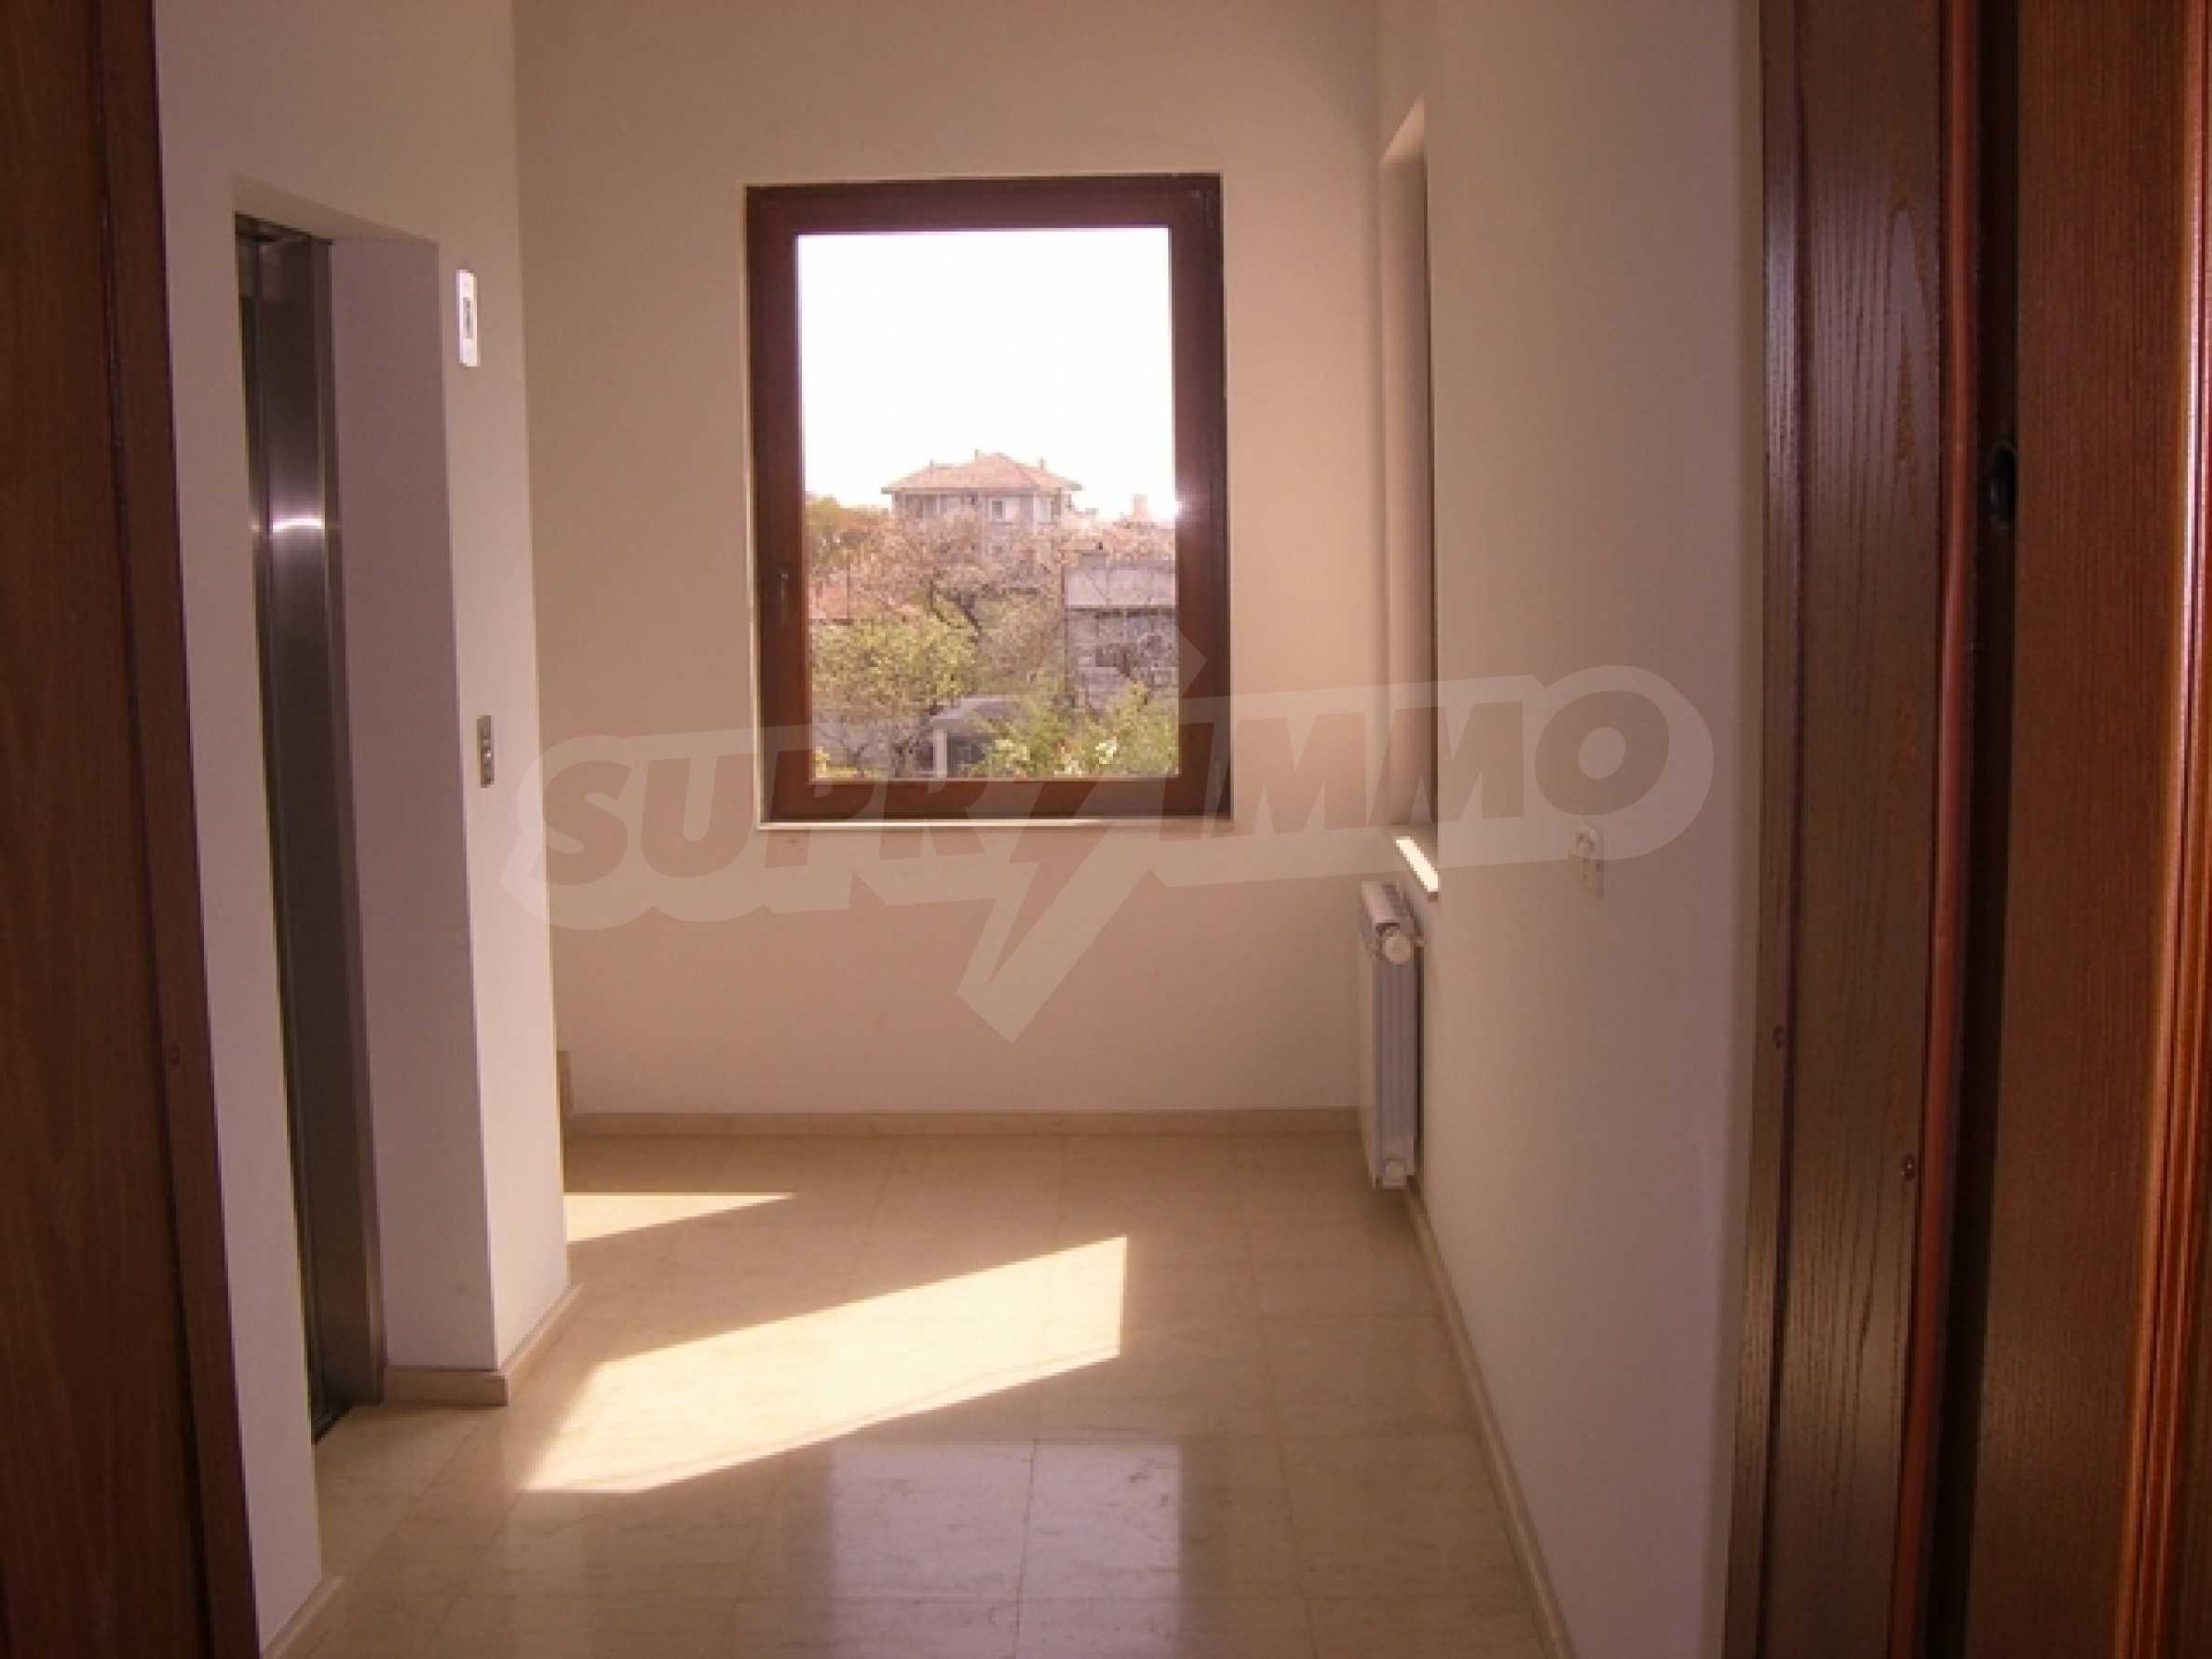 Residenz bulgarischen Traumhaus 58